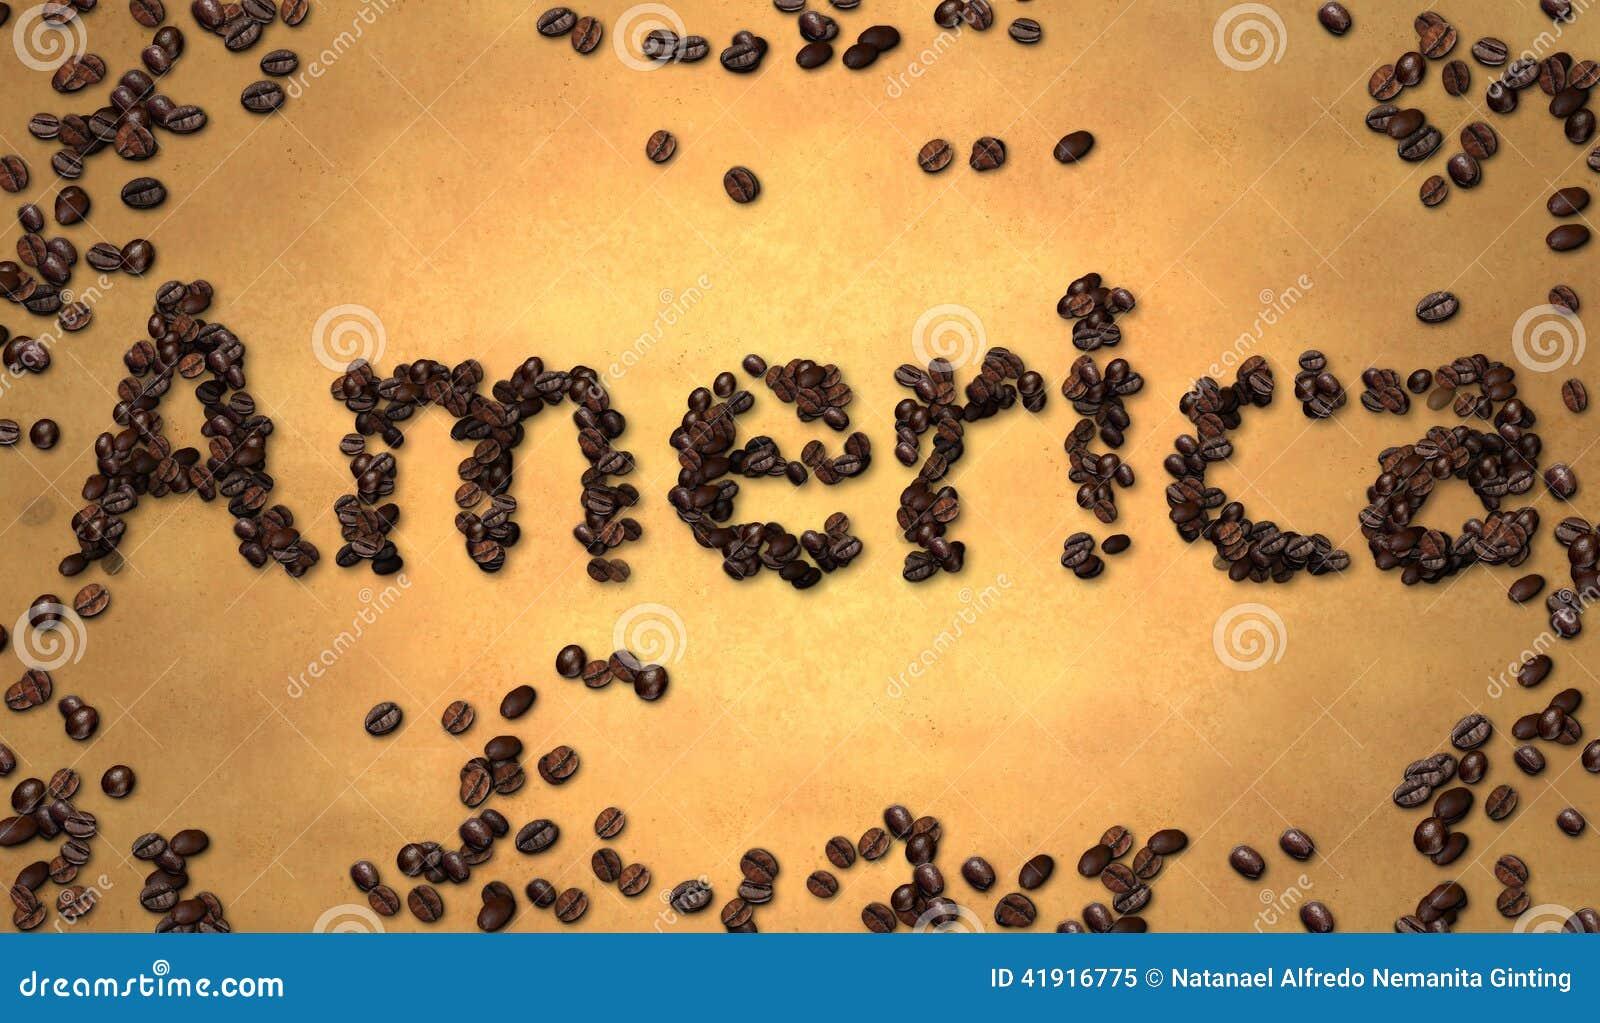 Grano de café de América en el papel viejo